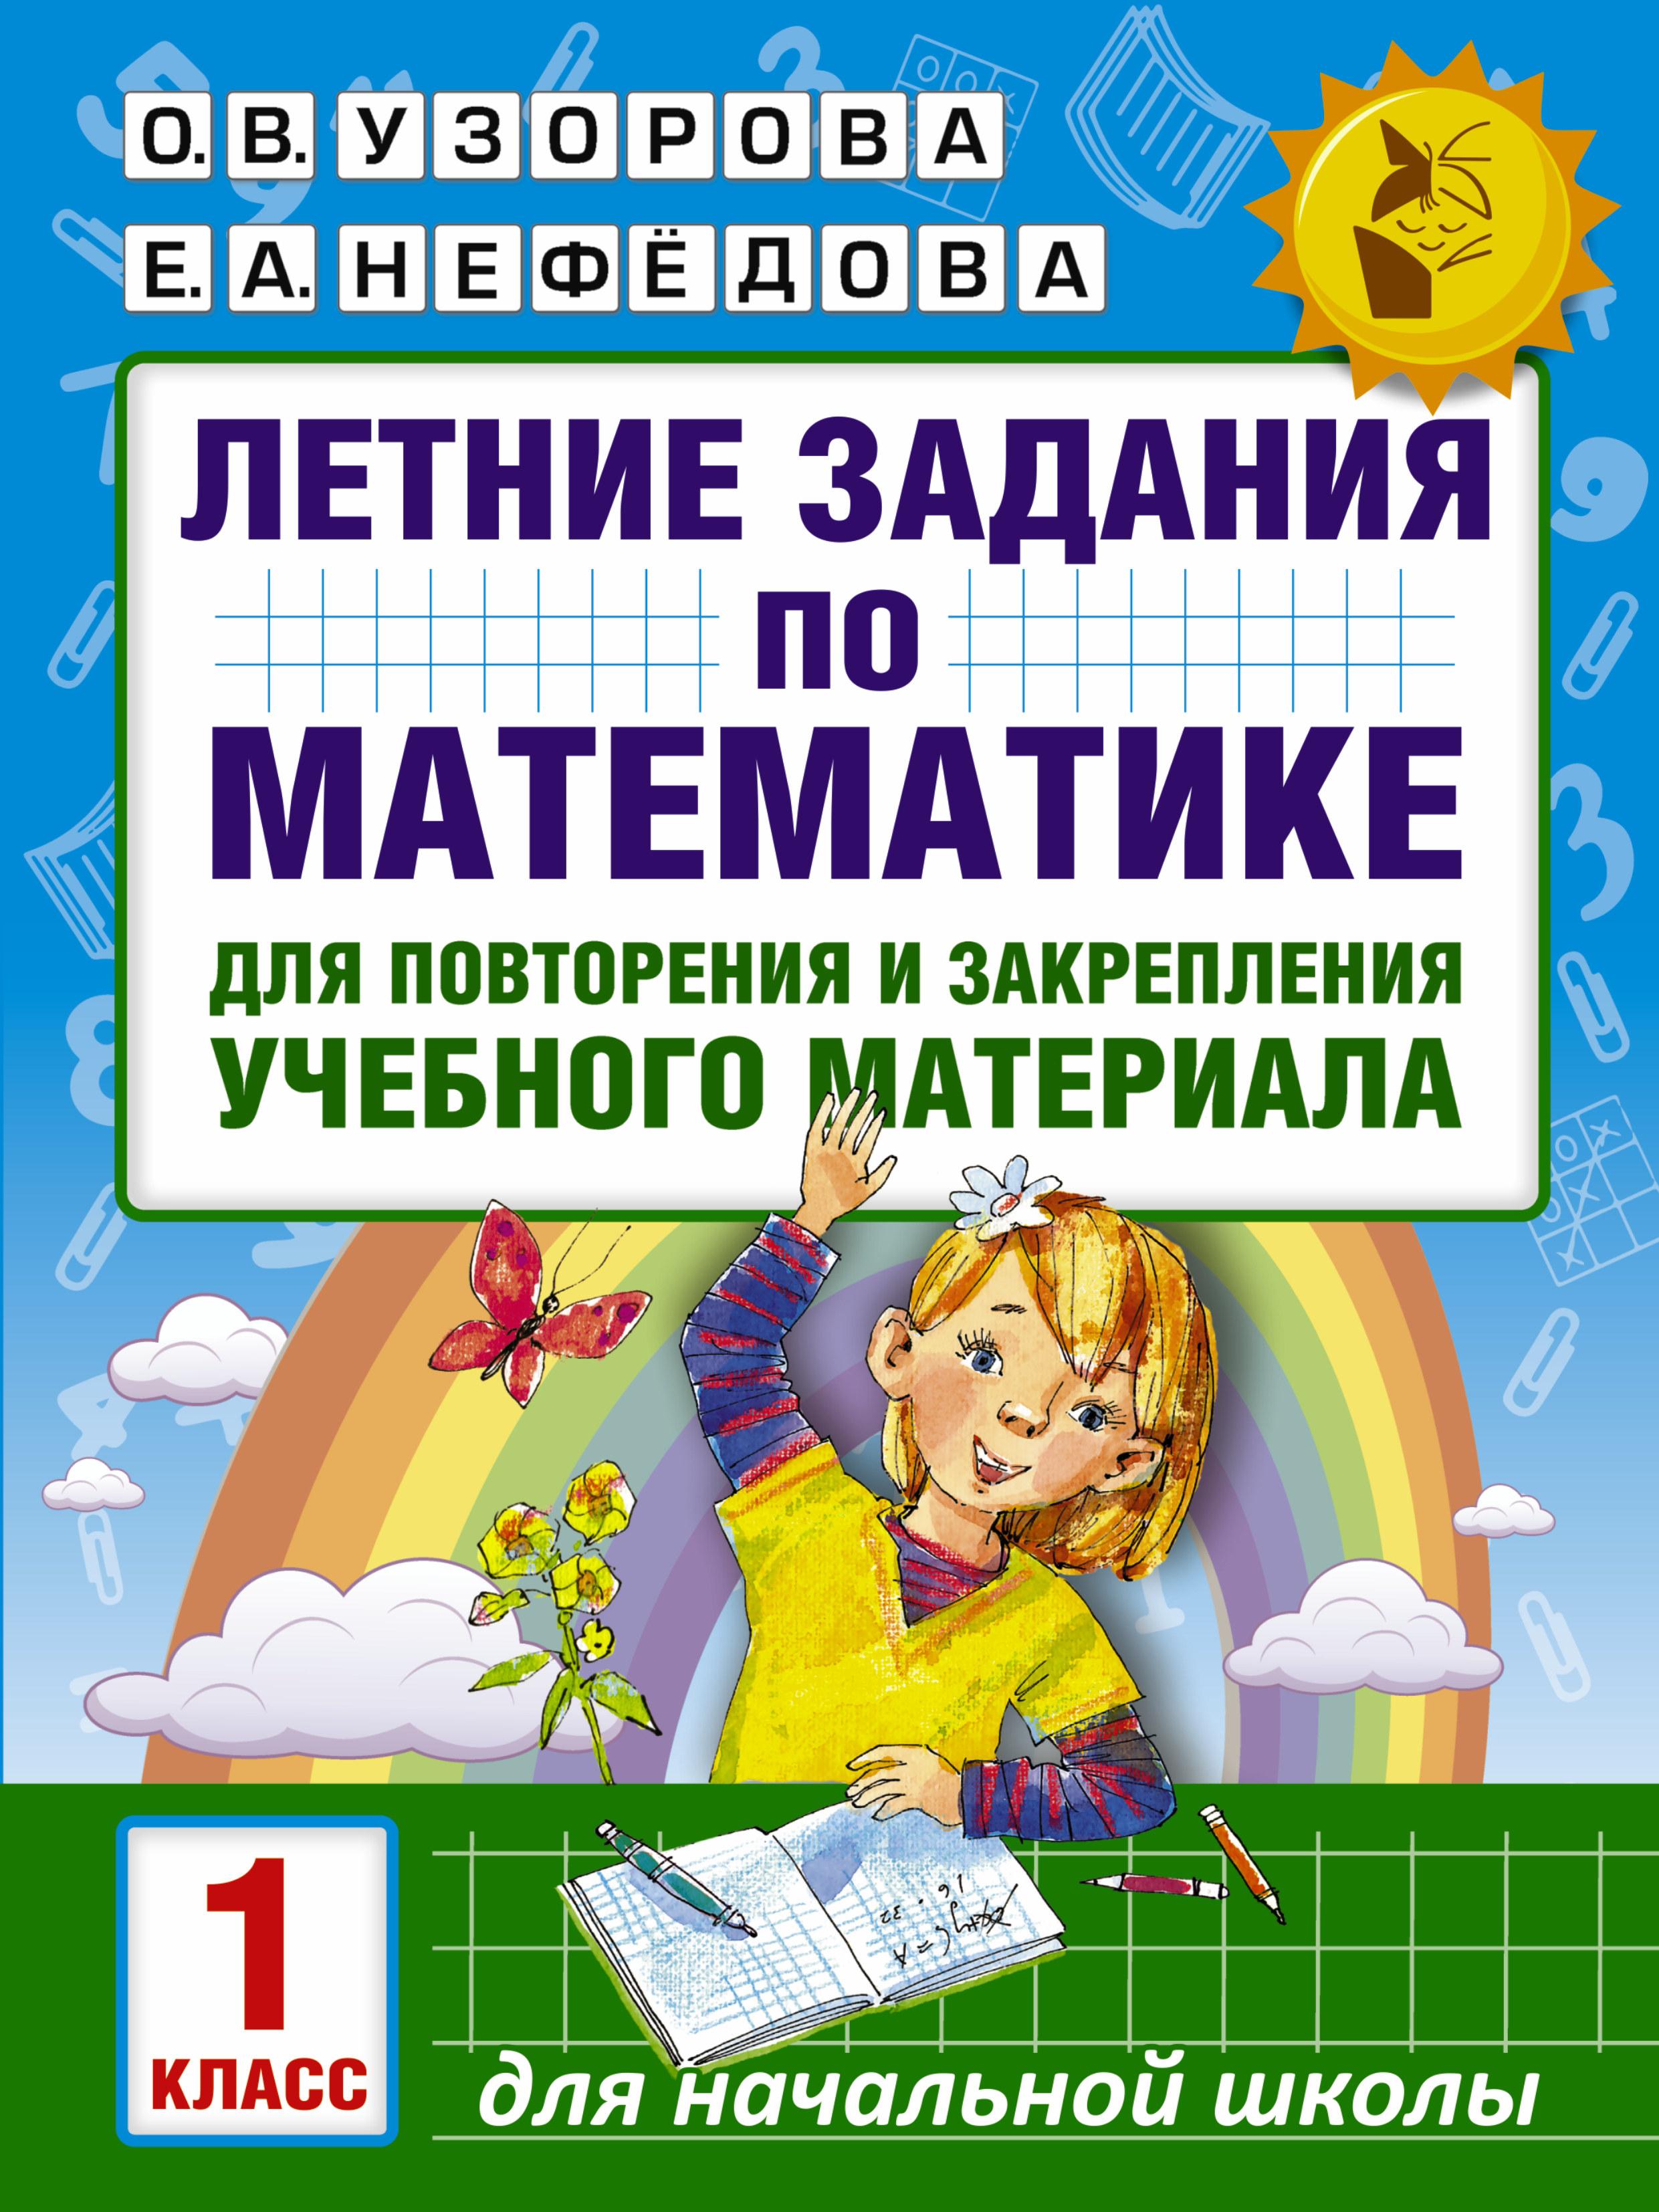 Летние задания по математике для повторения и закрепления учебного материала. 1 класс